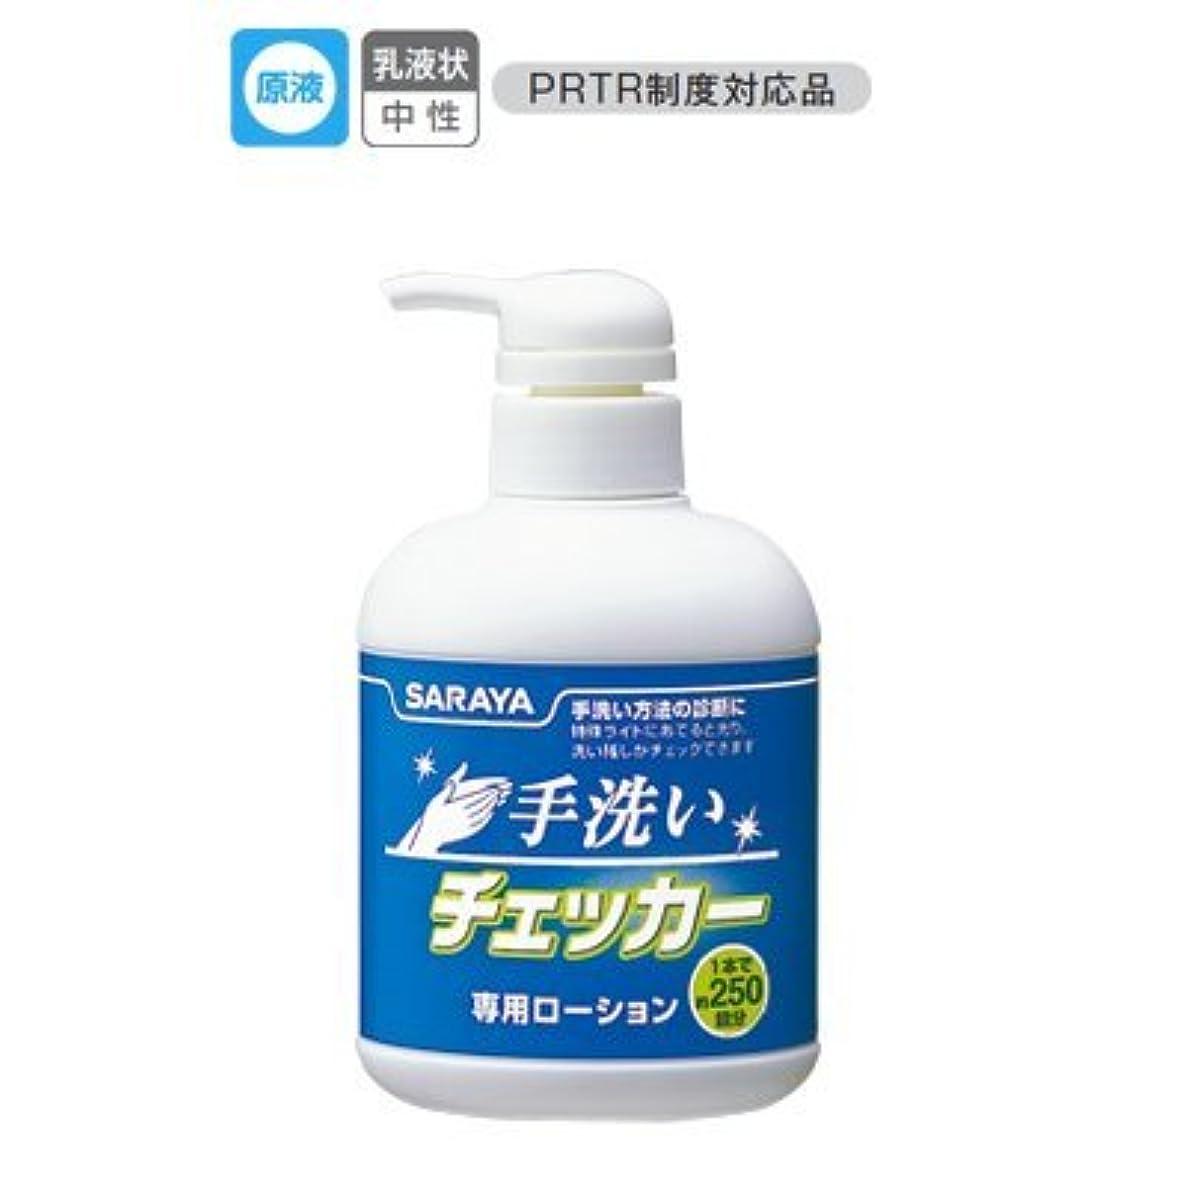 インセンティブ望むクリエイティブサラヤ 手洗いチェッカー 専用ローション 250mL【清潔キレイ館】